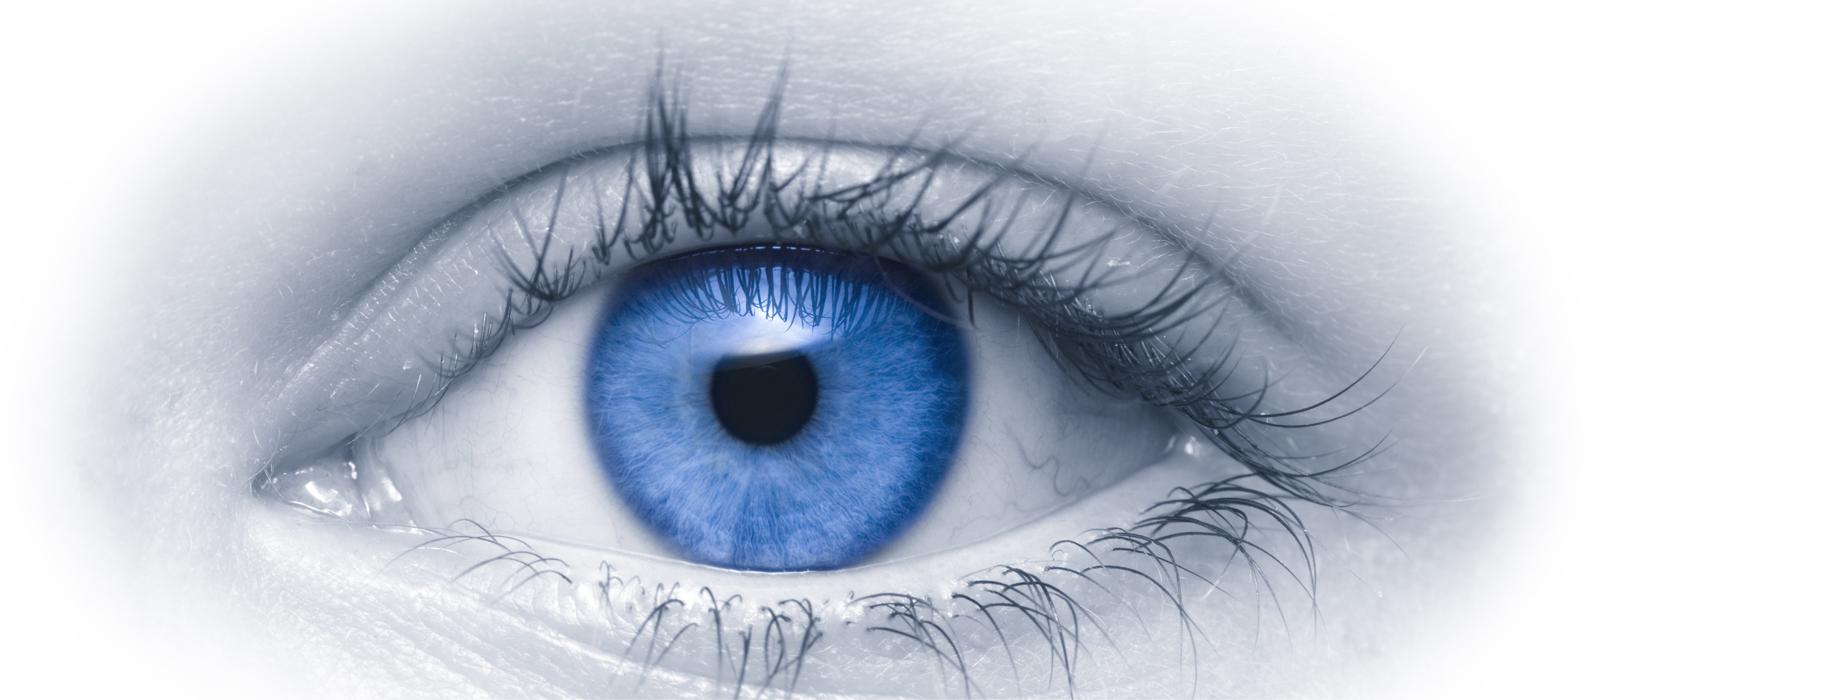 Augenoptisches und optometrisches Zentrum Optik Mattern - Ihr Optiker in Wiesloch und Sandhausen. Umfassende und kompetente Sehberatung bei Optik Mattern